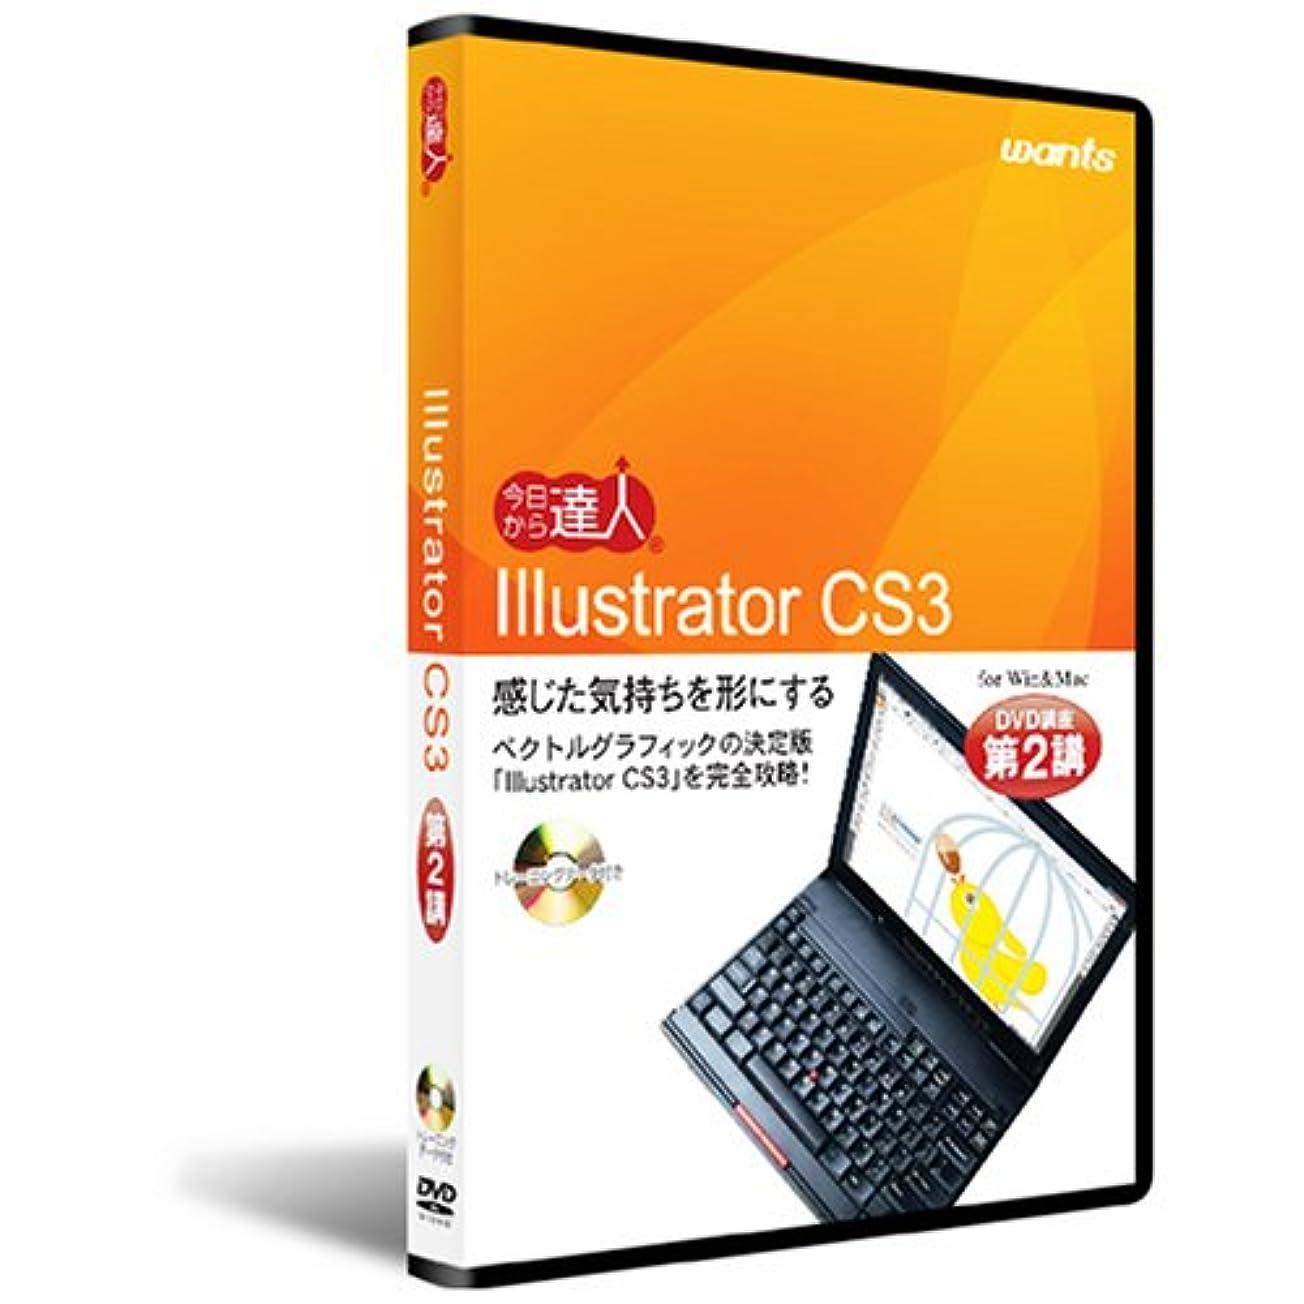 洞察力モデレータスロープIllustrator CS3:DVD講座 第2講